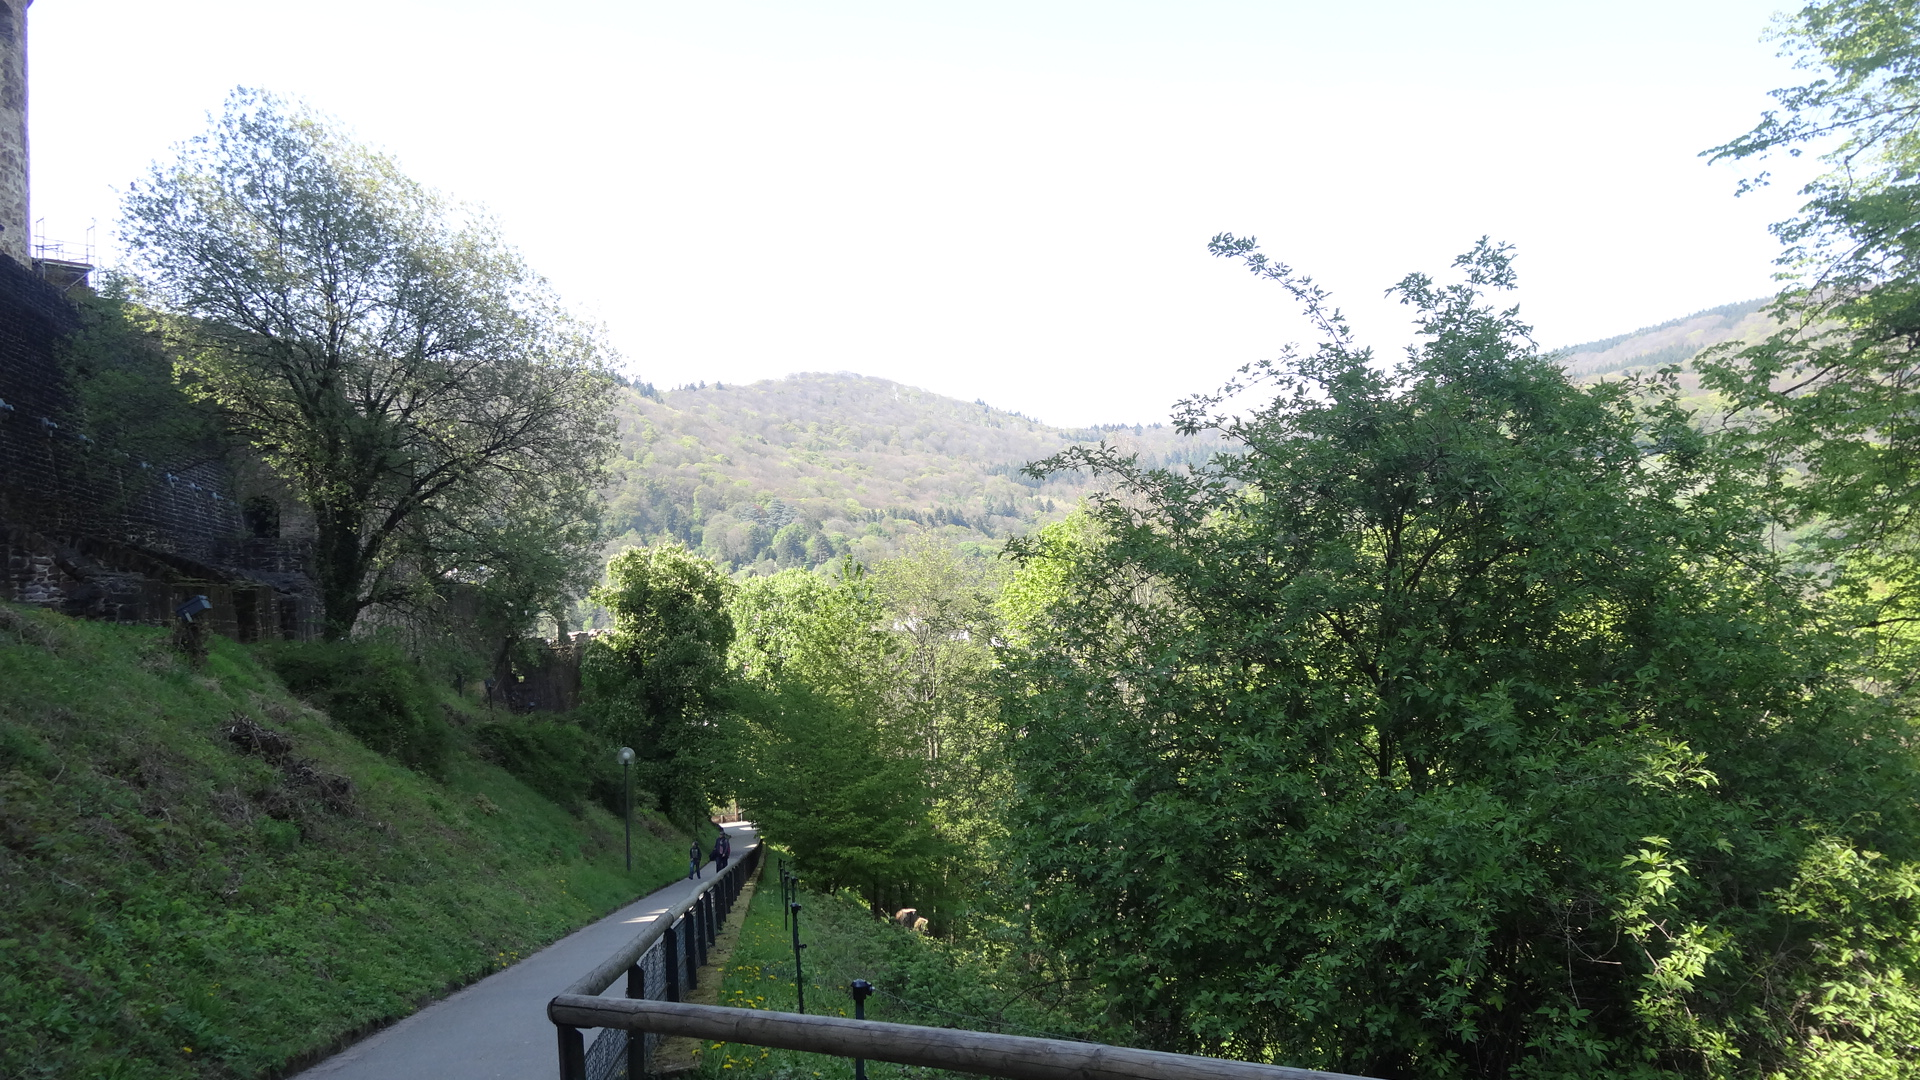 Blick auf den erklommenen Weg